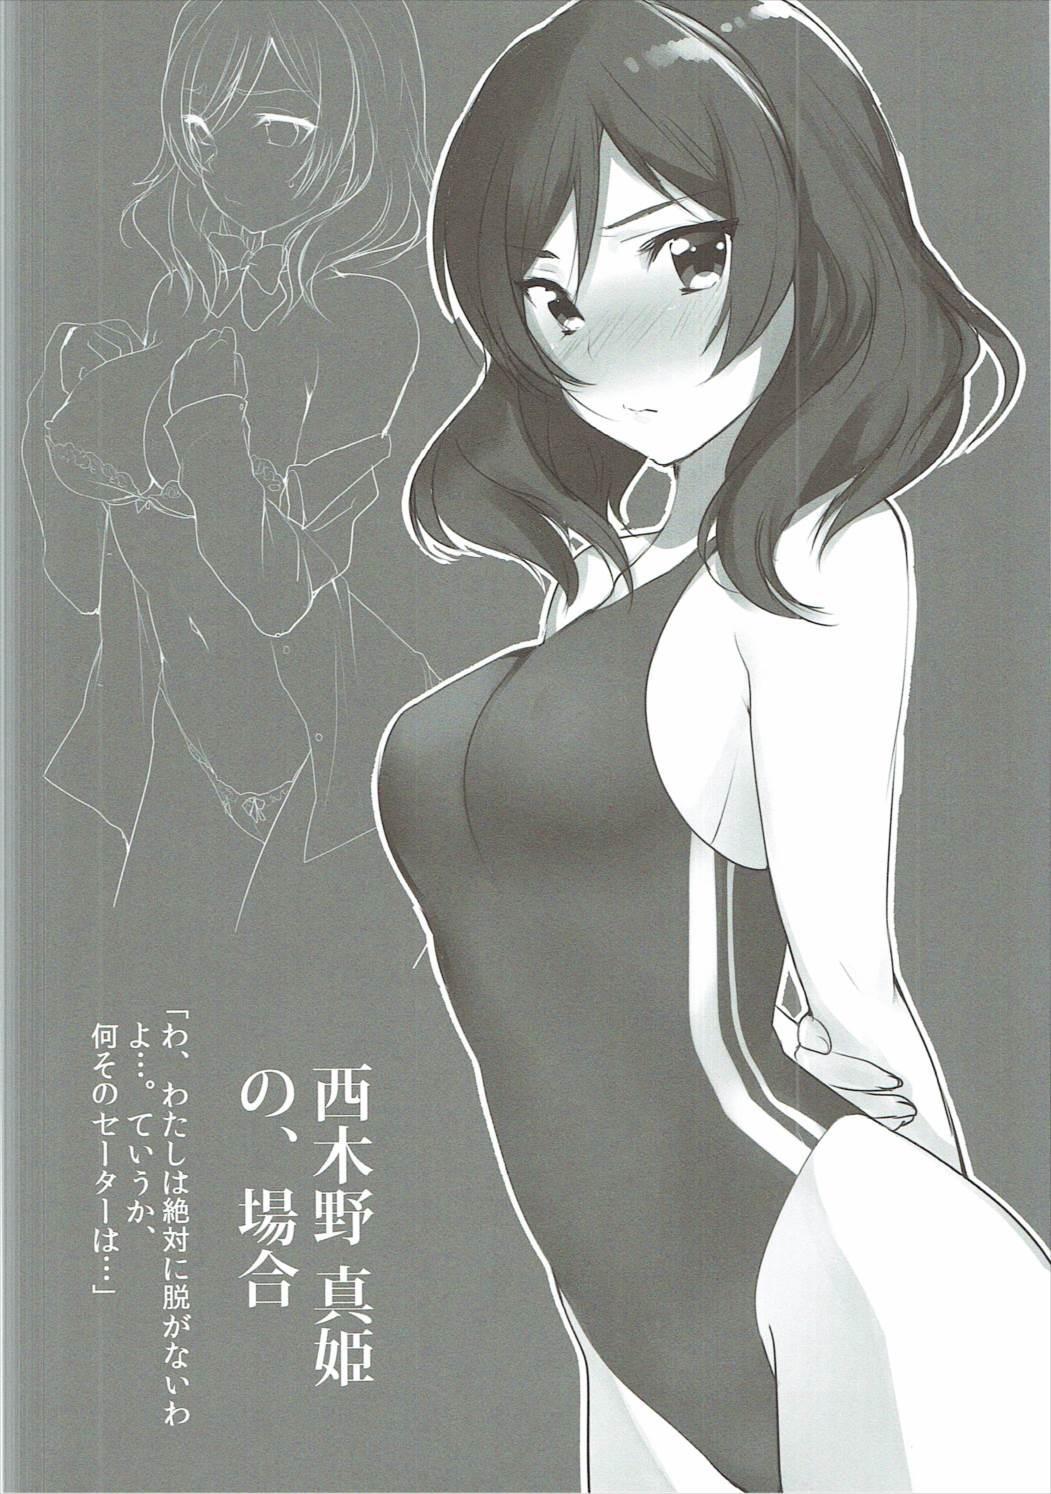 Kanojo-tachi no, Baai 6